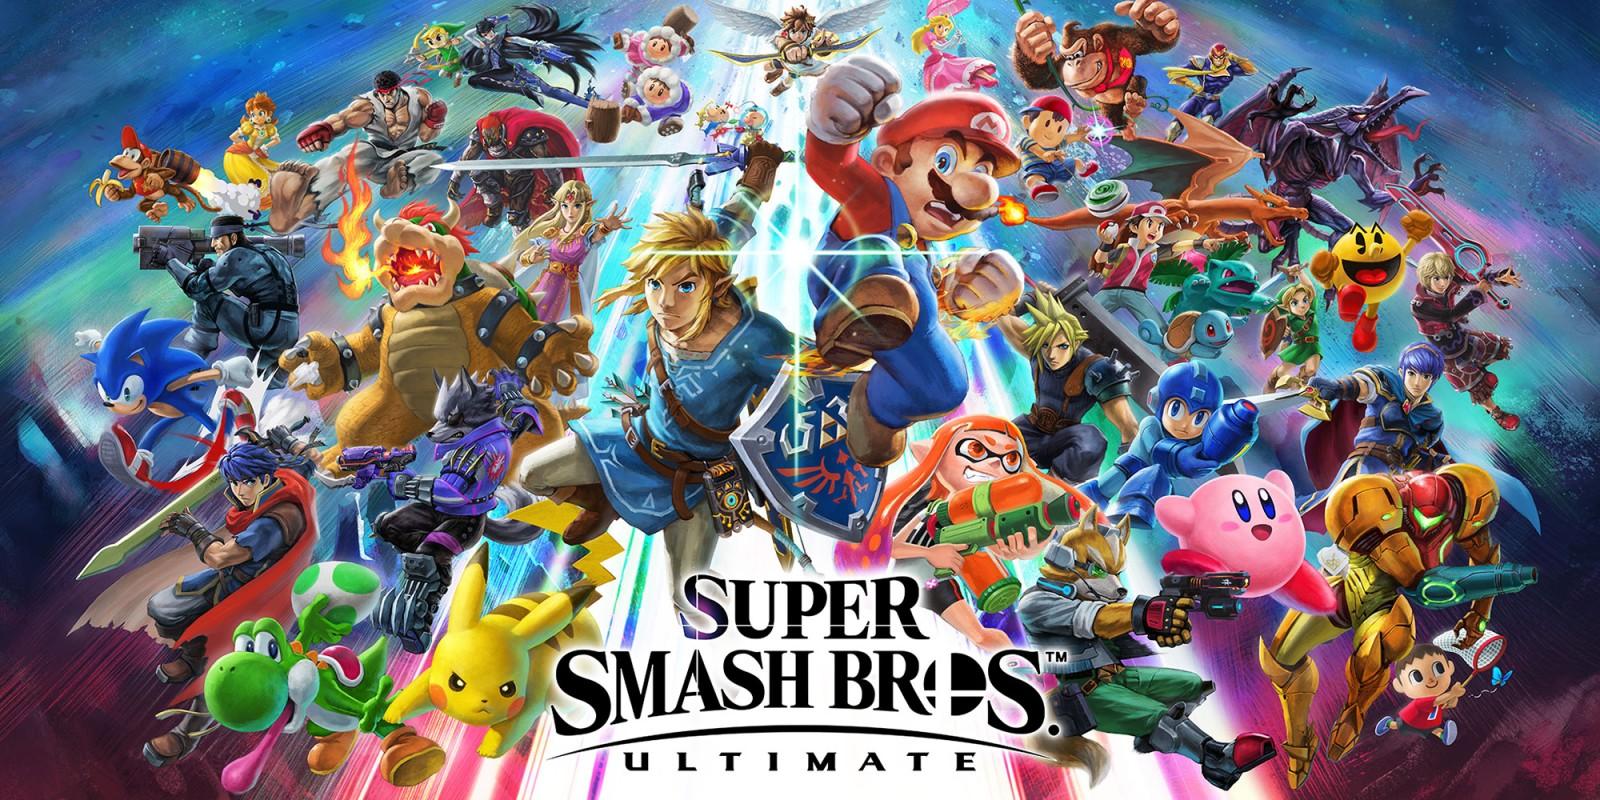 Super Smash Bros, el poder de una comunidad unida